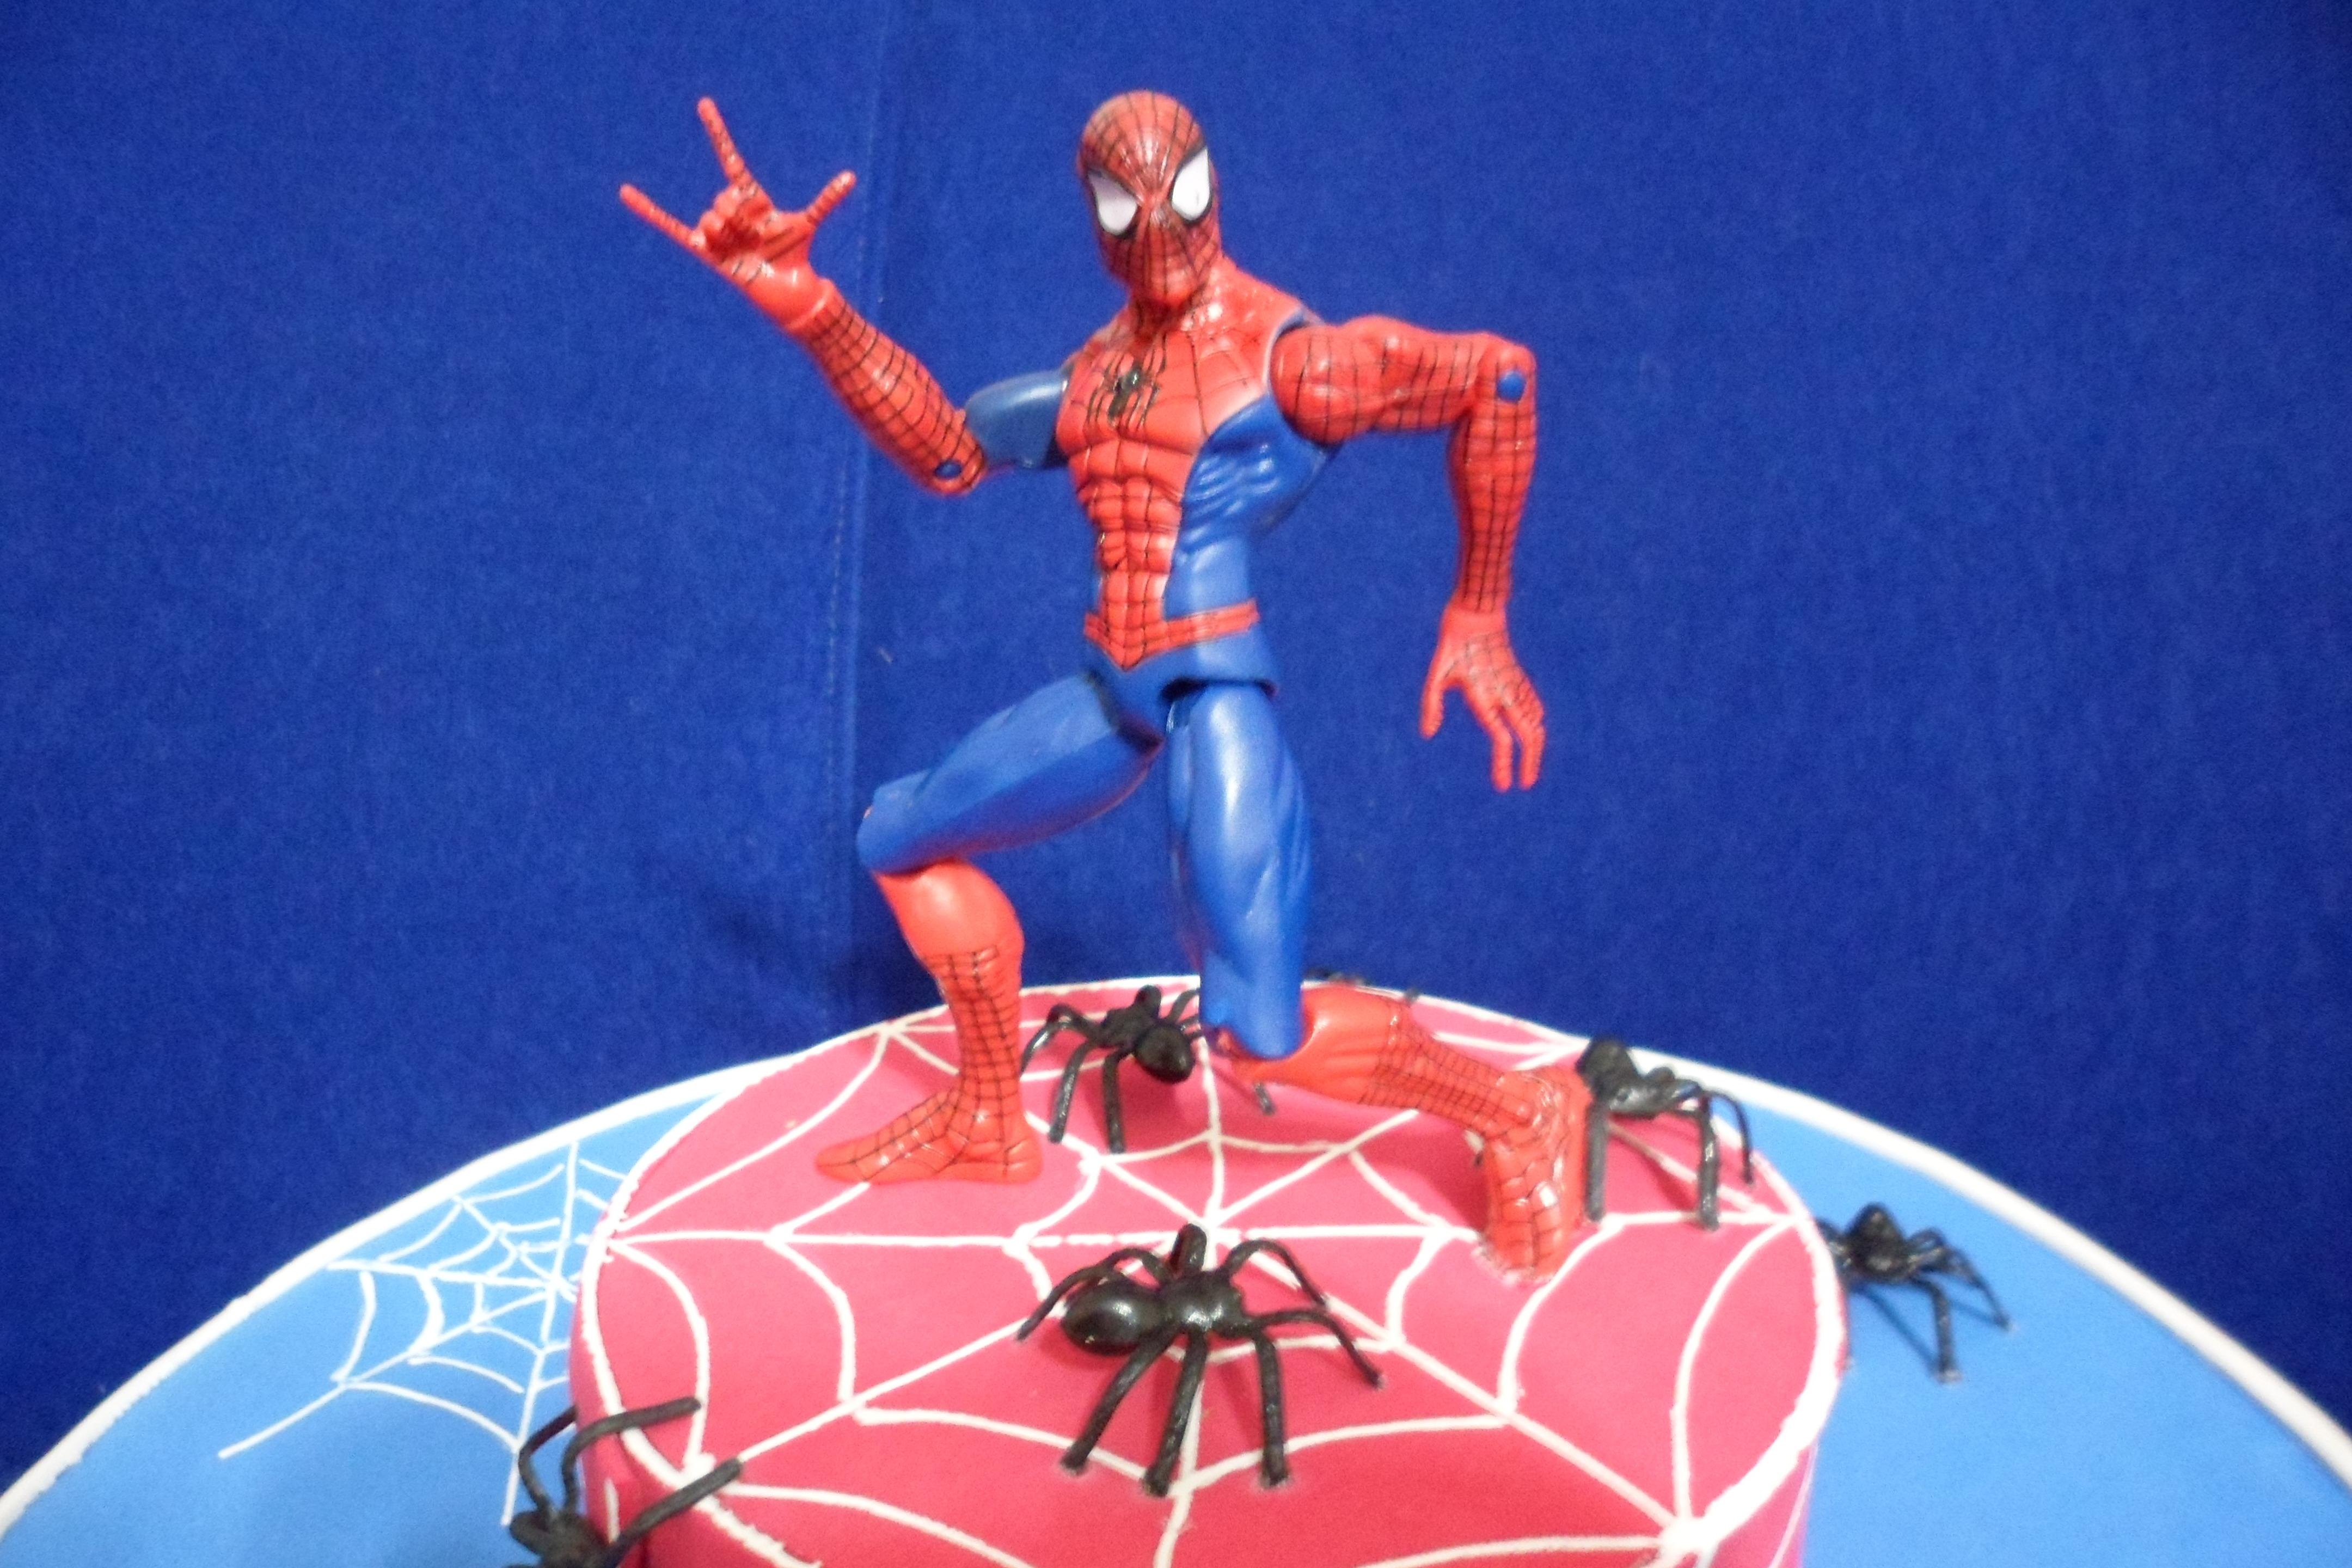 Bolo homem aranha no elo7 kaza silvestri 2a16f6 altavistaventures Gallery